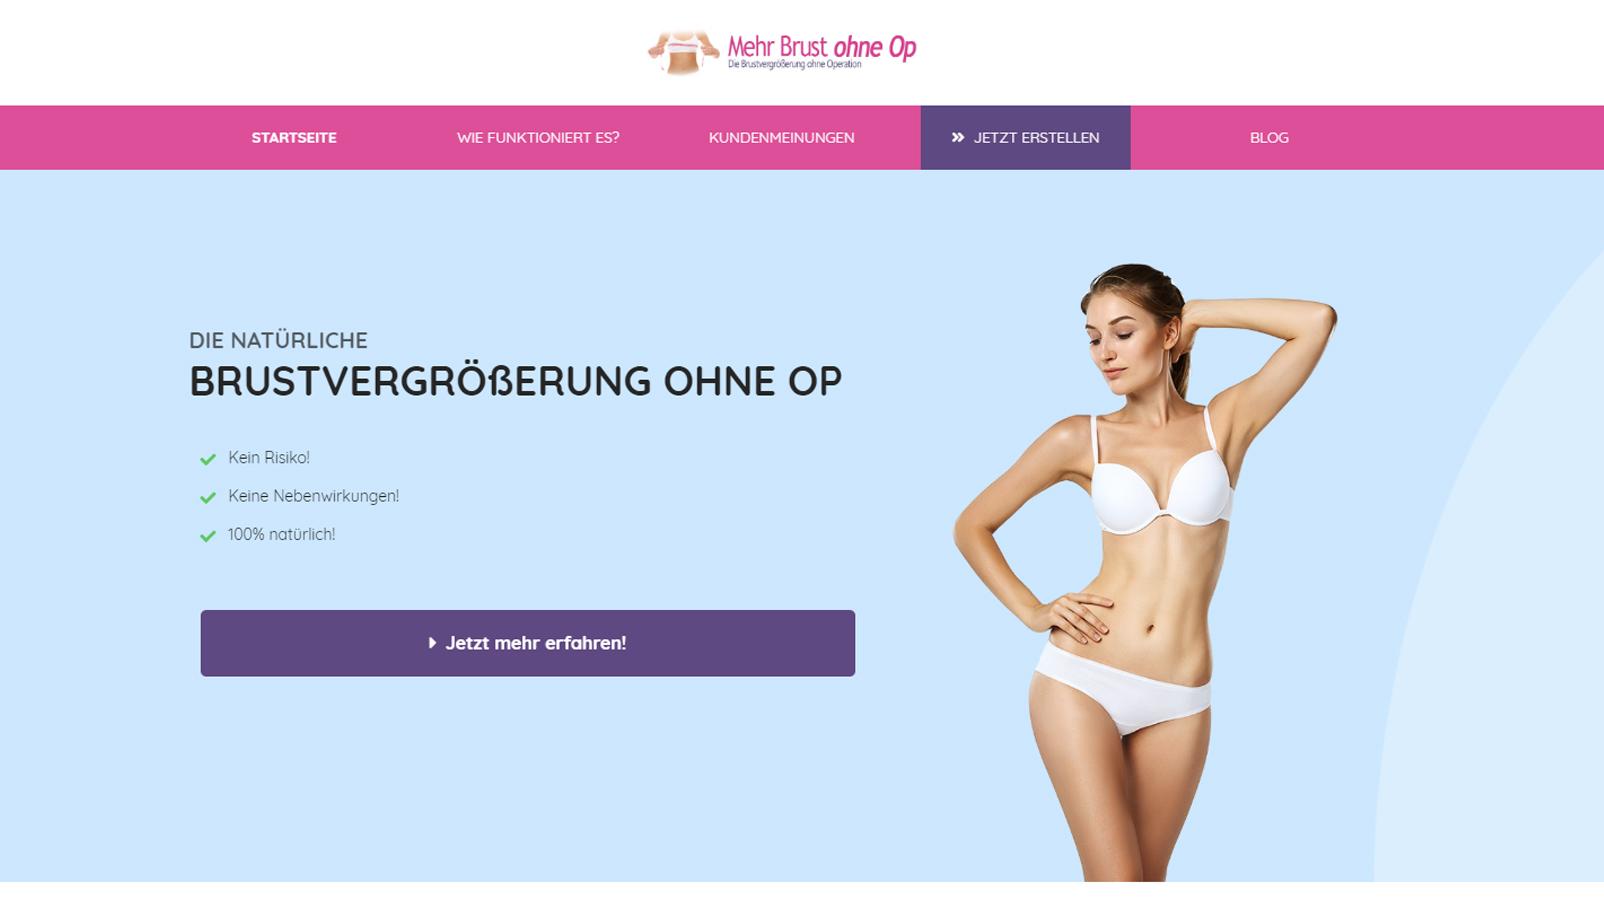 Mehr Brust ohne Op - Brustvergrößerung ohne Op